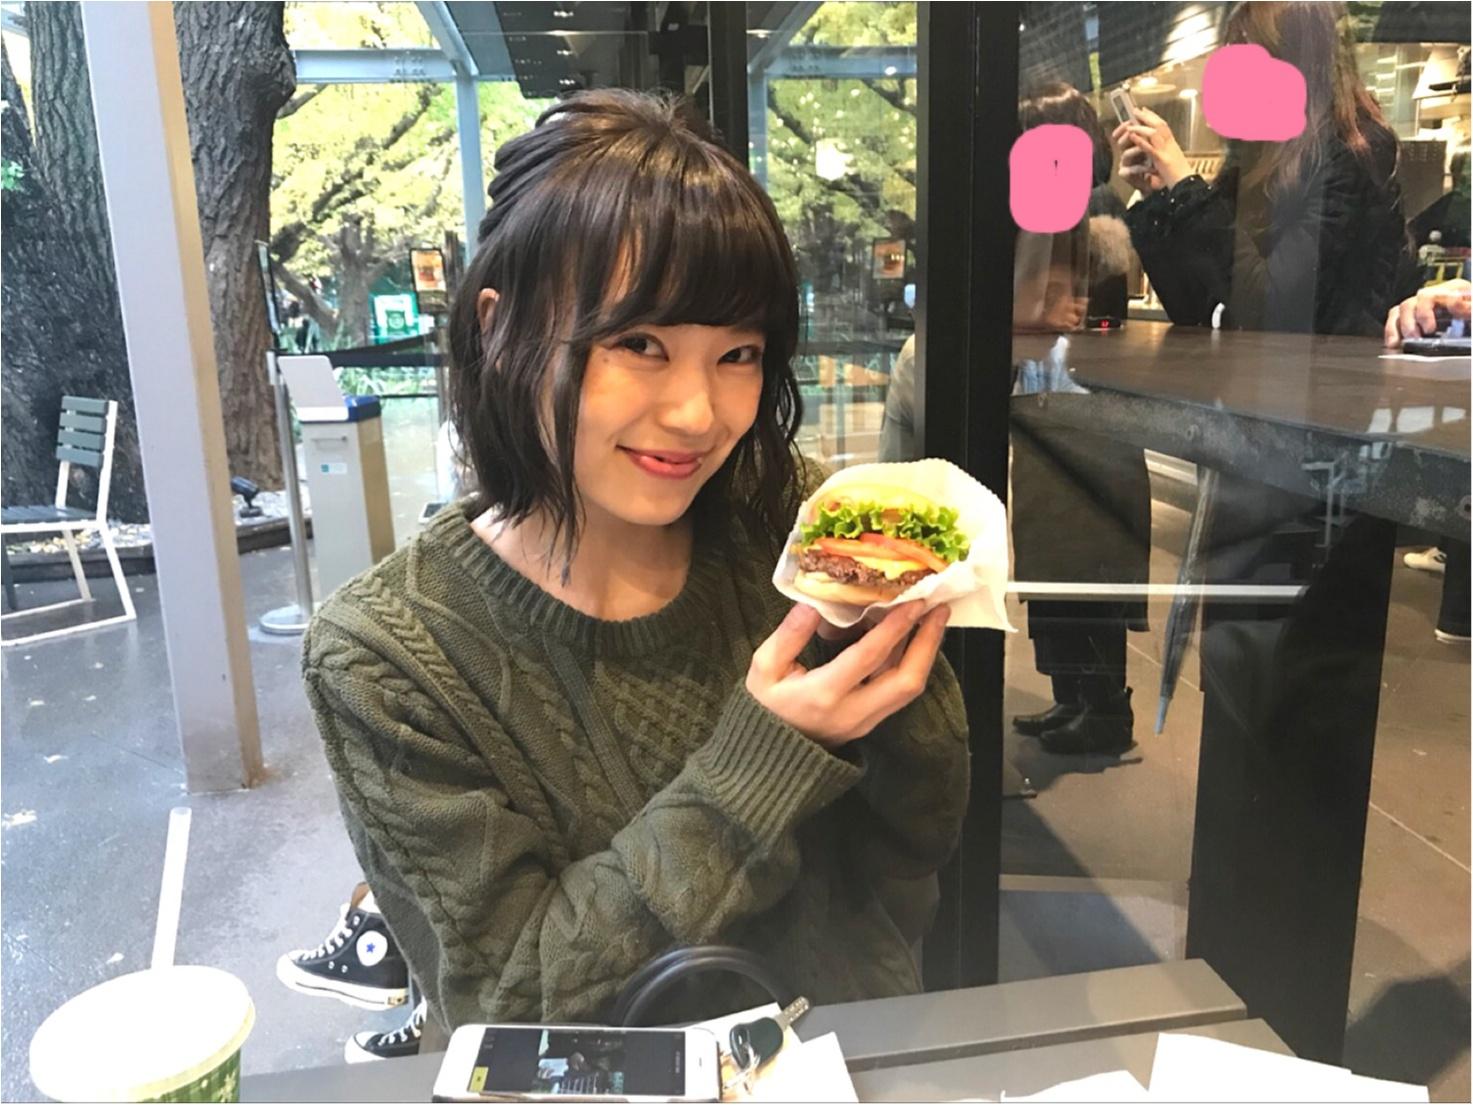 今の時期だから楽しめる!美味しいハンバーガーを食べるなら、ここがオススメ!_3